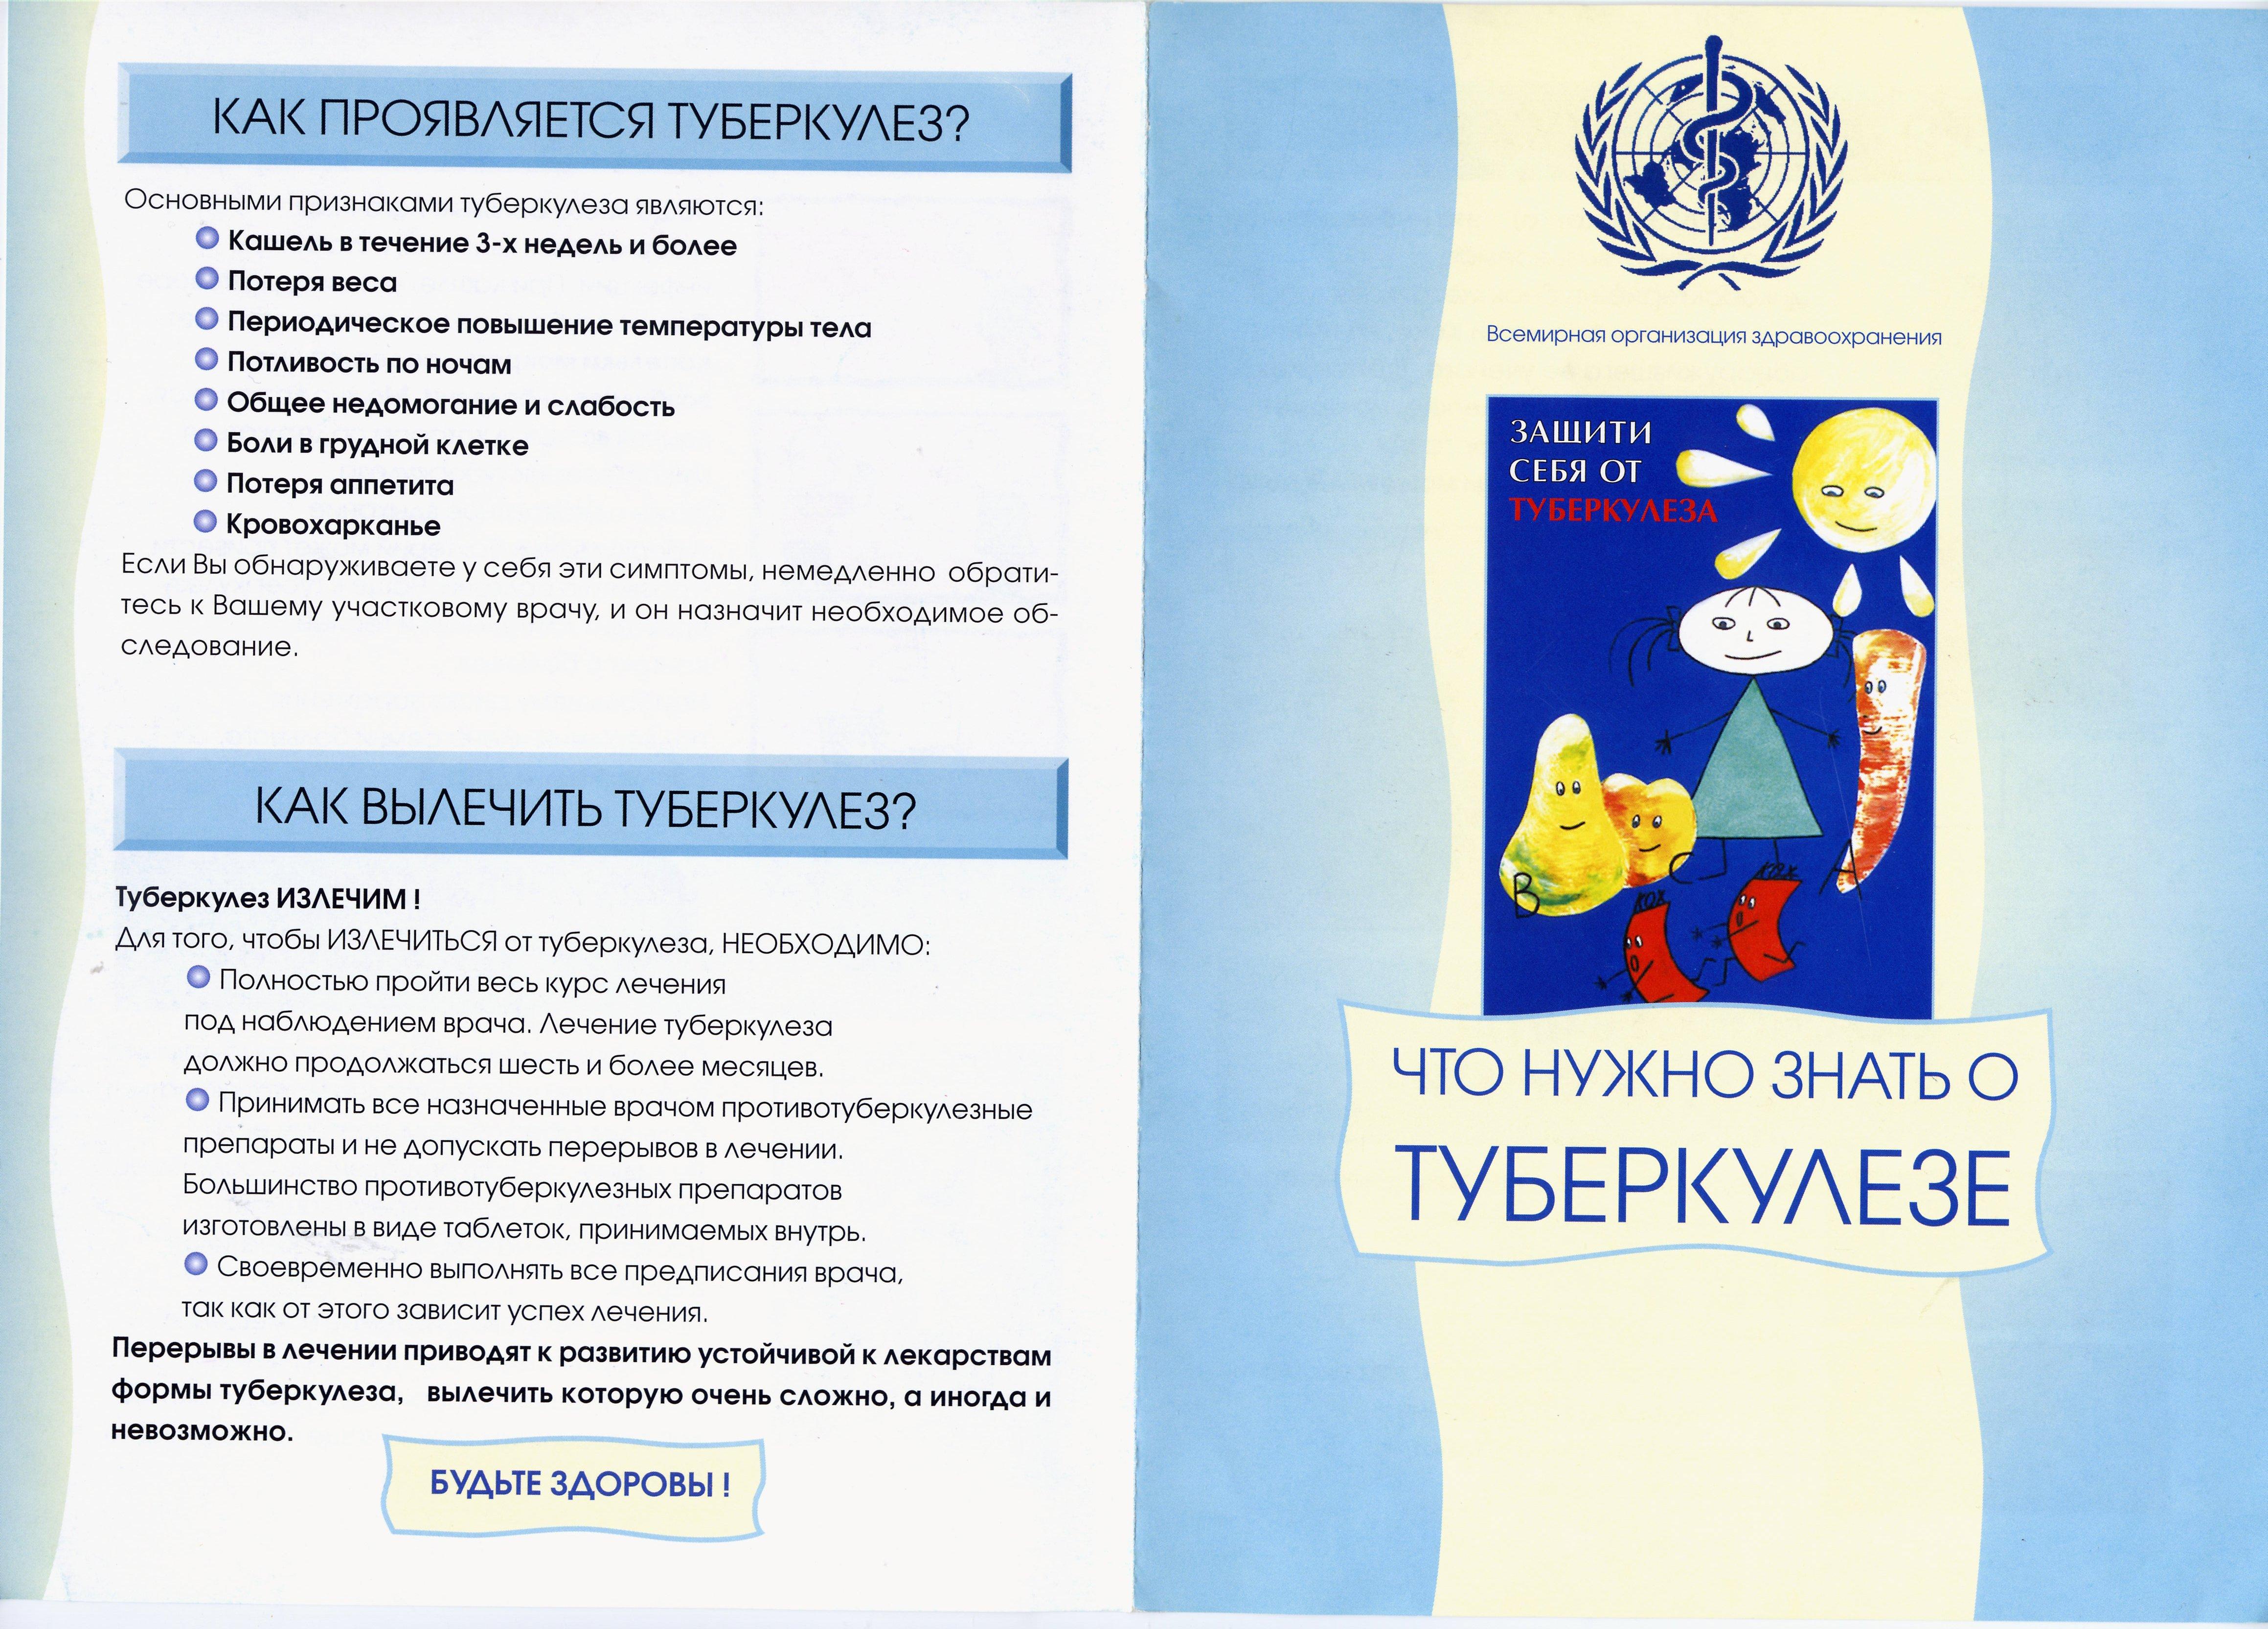 Туберкулез органов дыхания с широкой лекарственной устойчивостью у взрослых